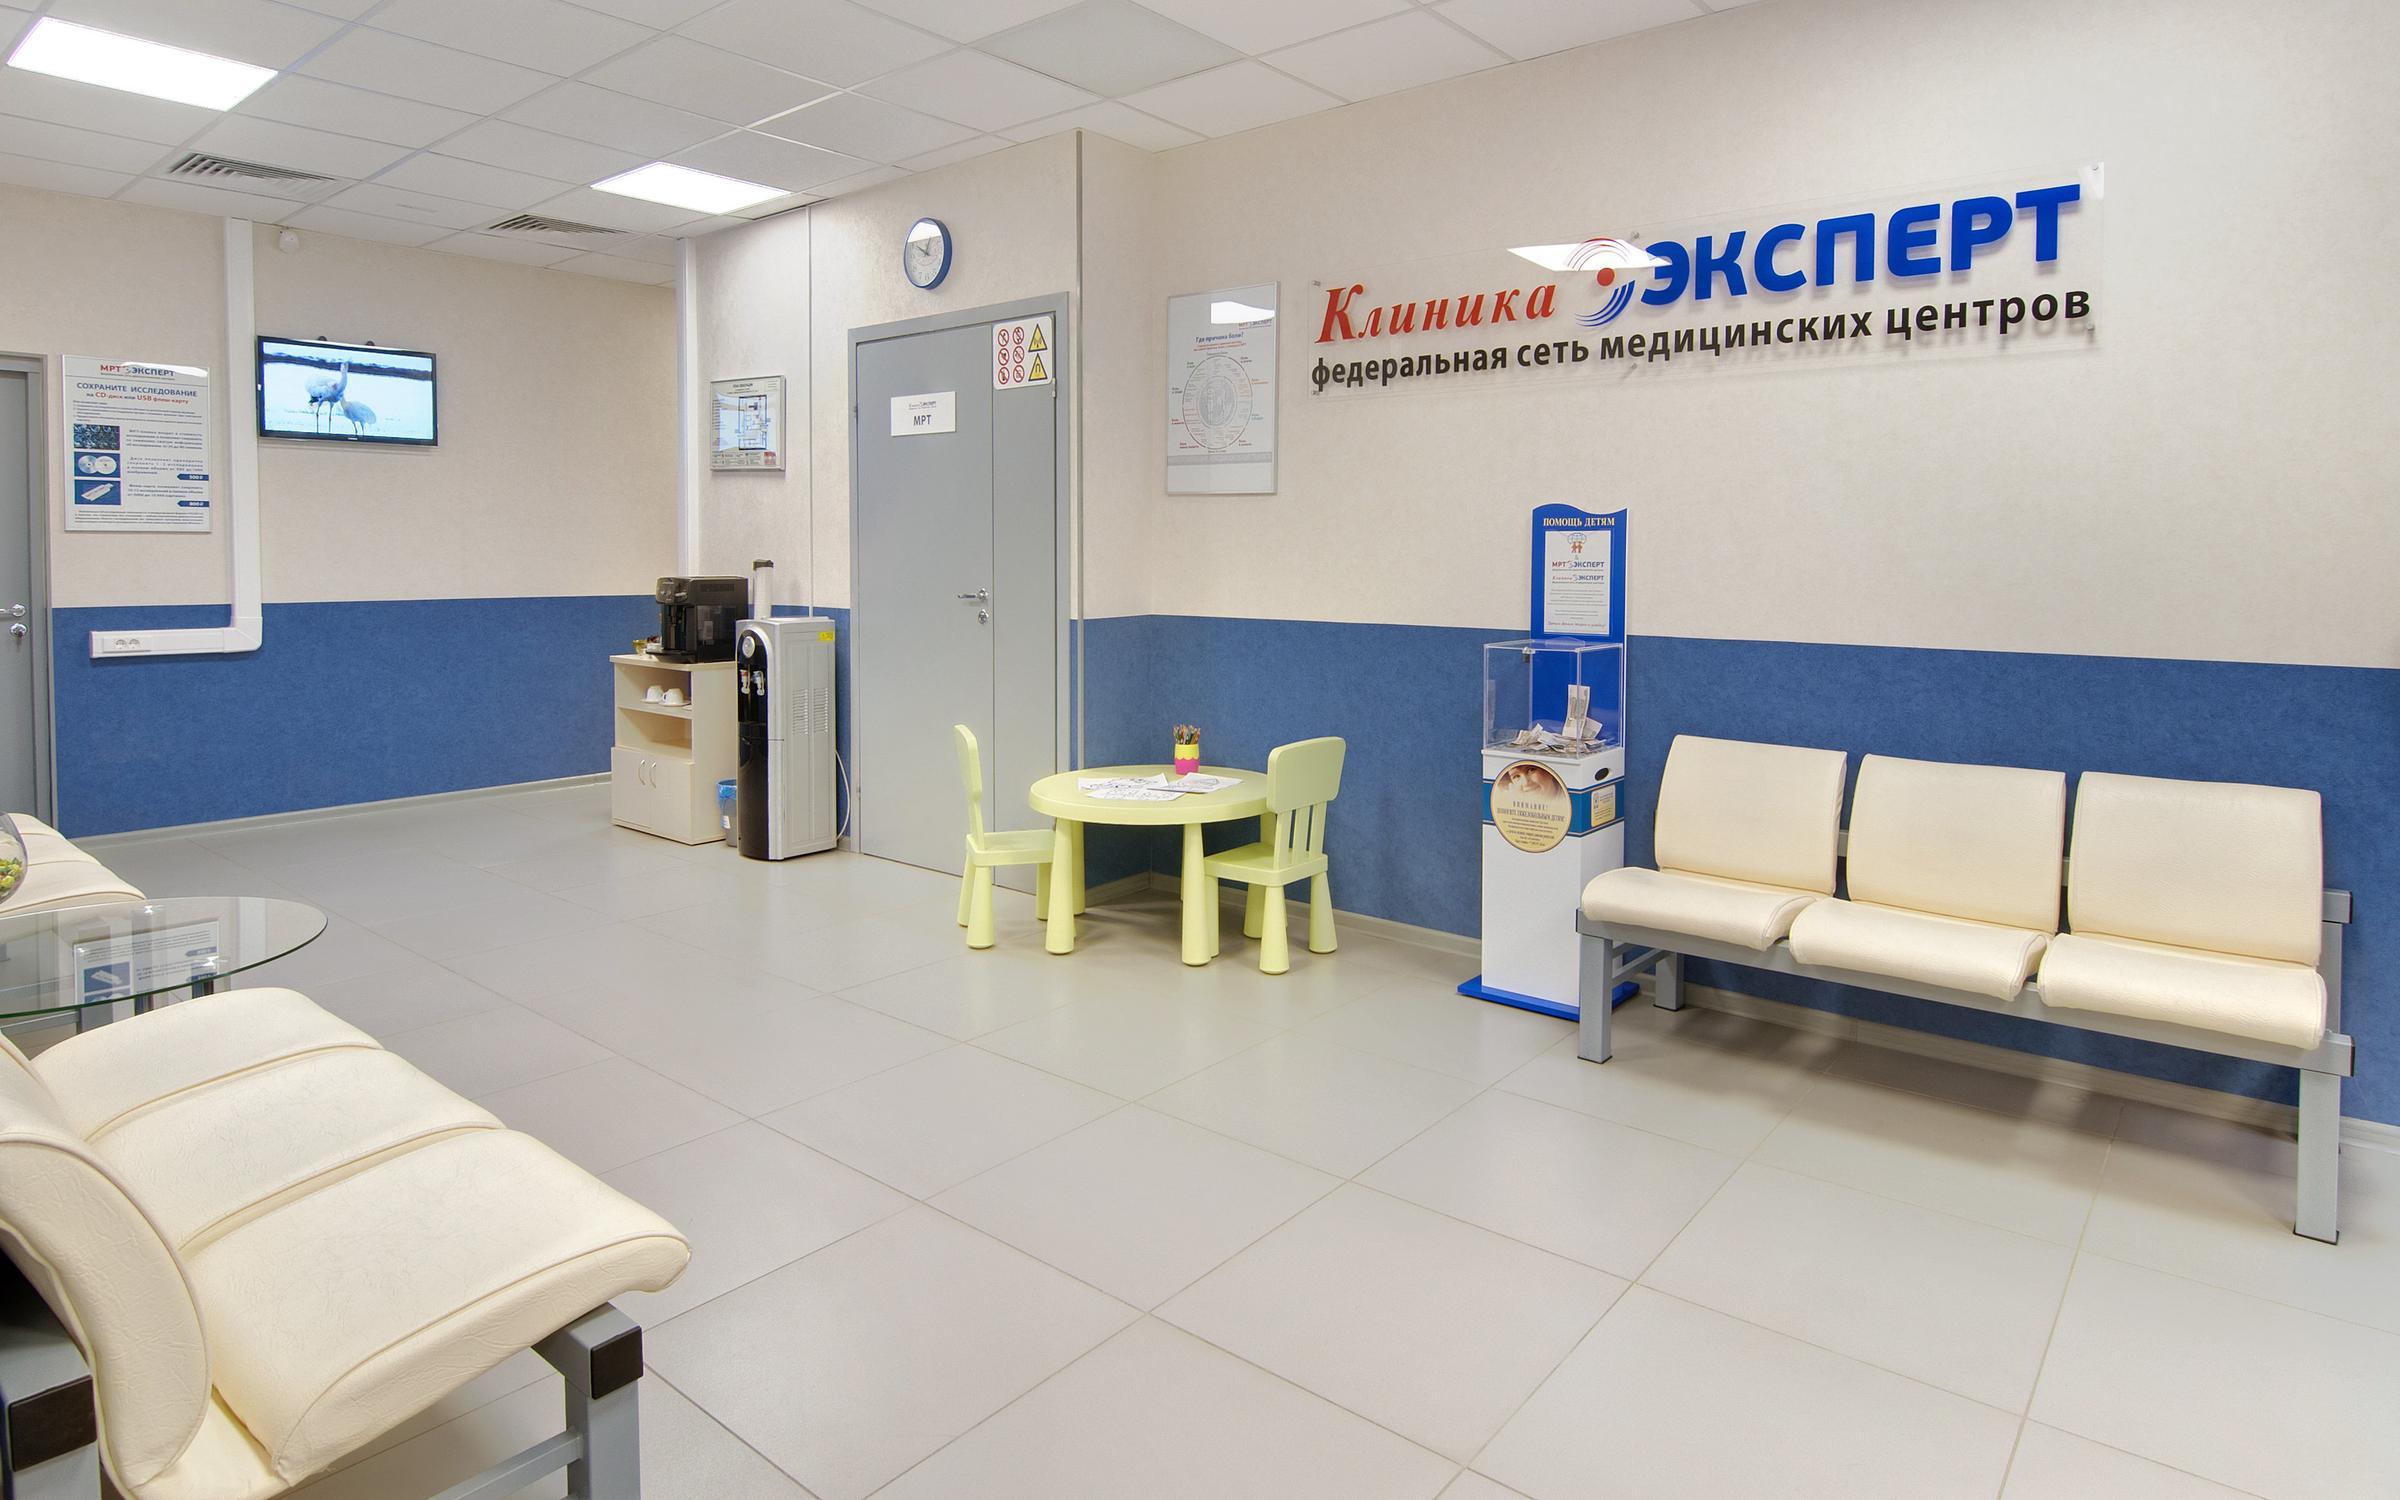 фотография Диагностического центра МРТ Эксперт на Кутузовском проспекте, 21 стр 2